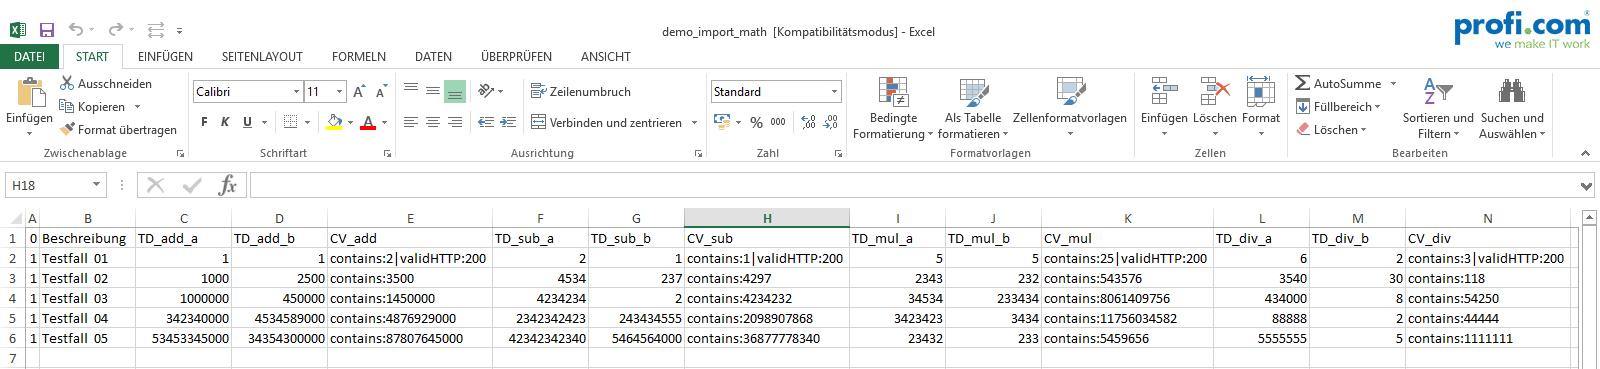 Excel Import der Testdaten mit erwarteten Ergebnise beim Use Case SOAP UI